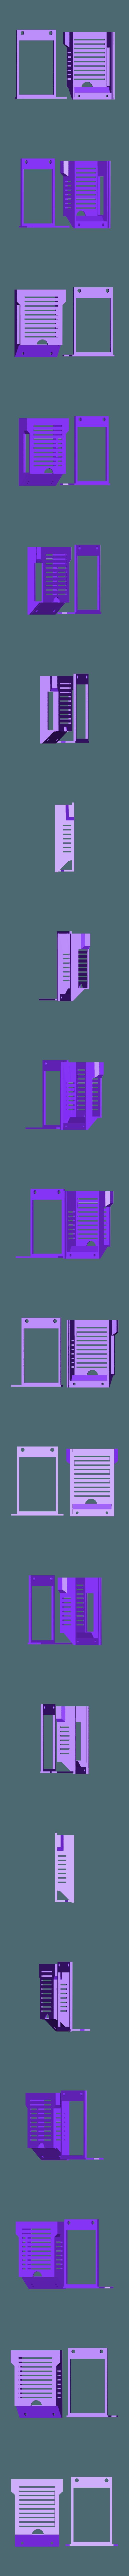 pi_3_avec_ecran_4_pouces.stl Download free STL file Raspberry pi 3 boitier + écran 4 pouces • 3D print template, Cyborg